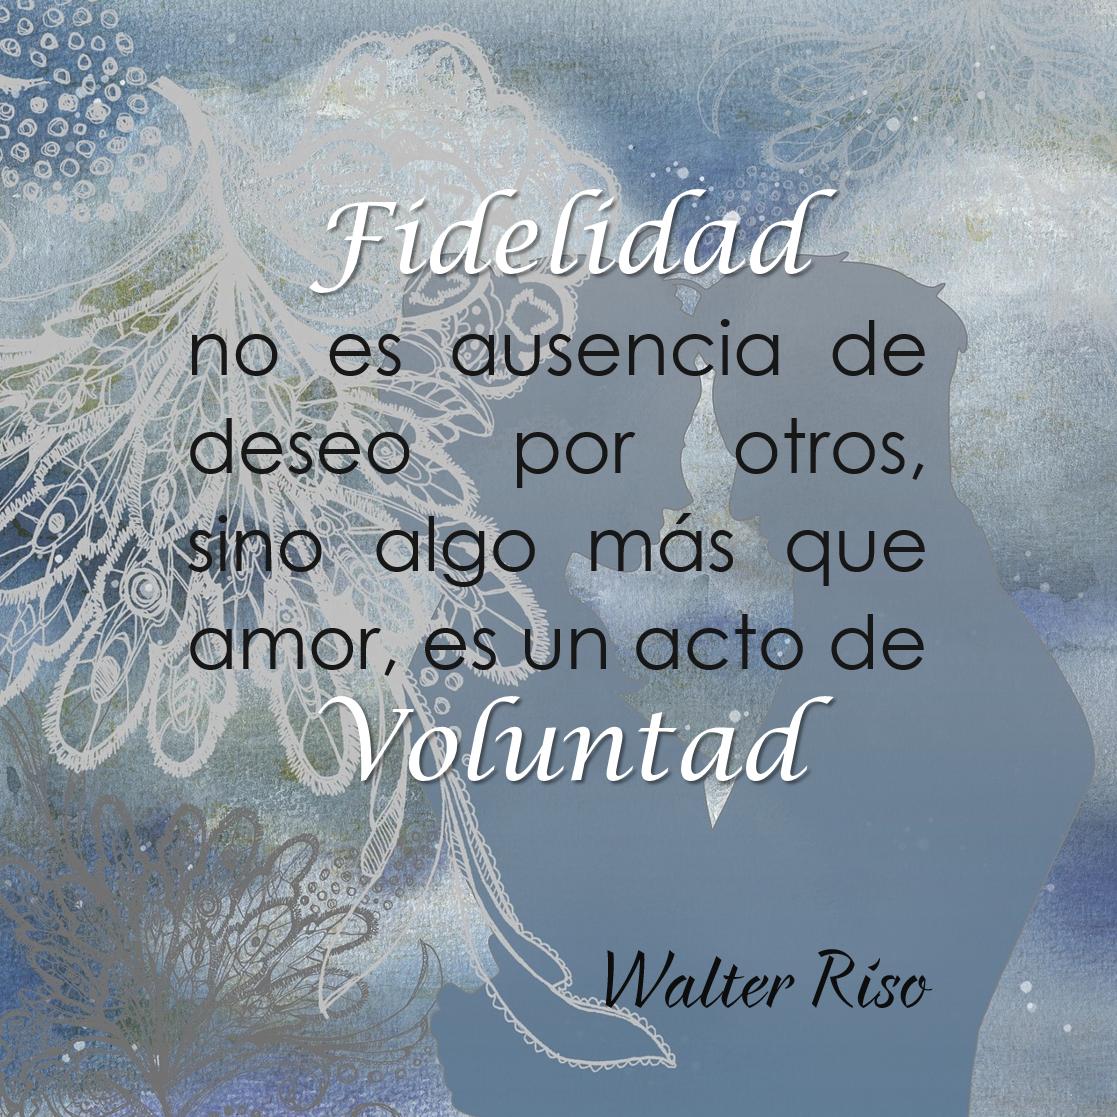 Frases De Walter Riso Sobre Amor Propio Klewer O